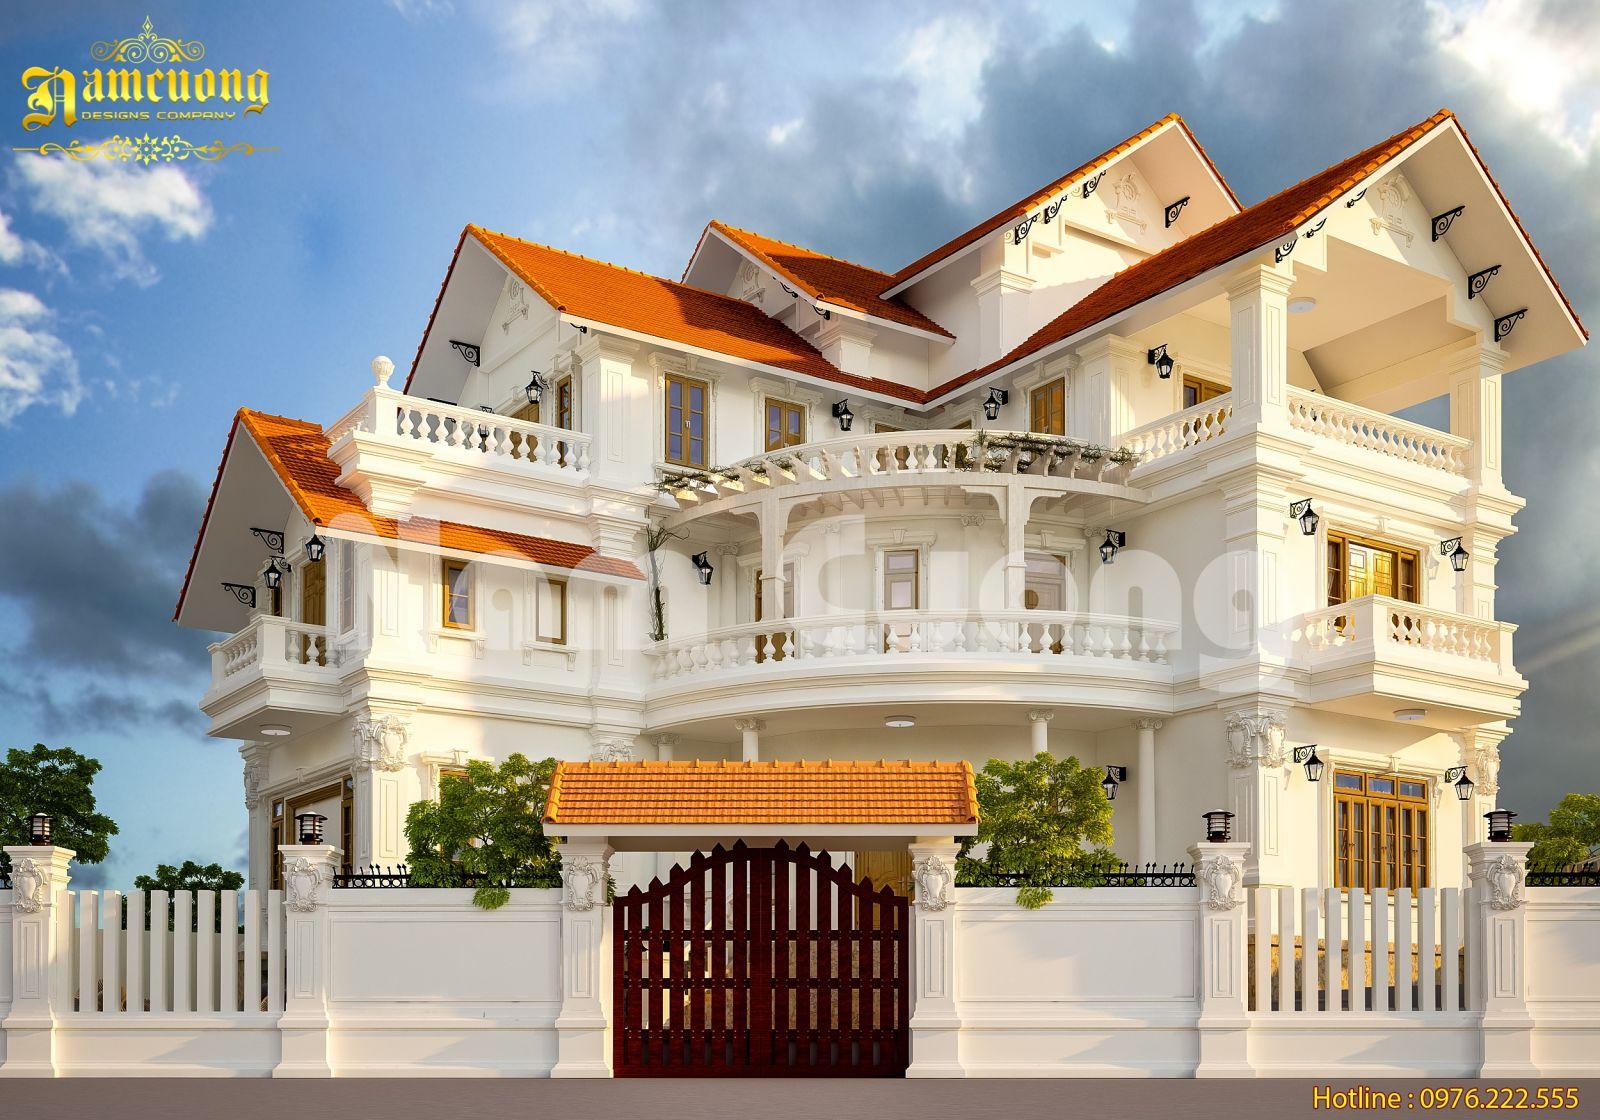 Mẫu thiết kế biệt thự tân cổ điển 3 tầng tại Quảng Ninh